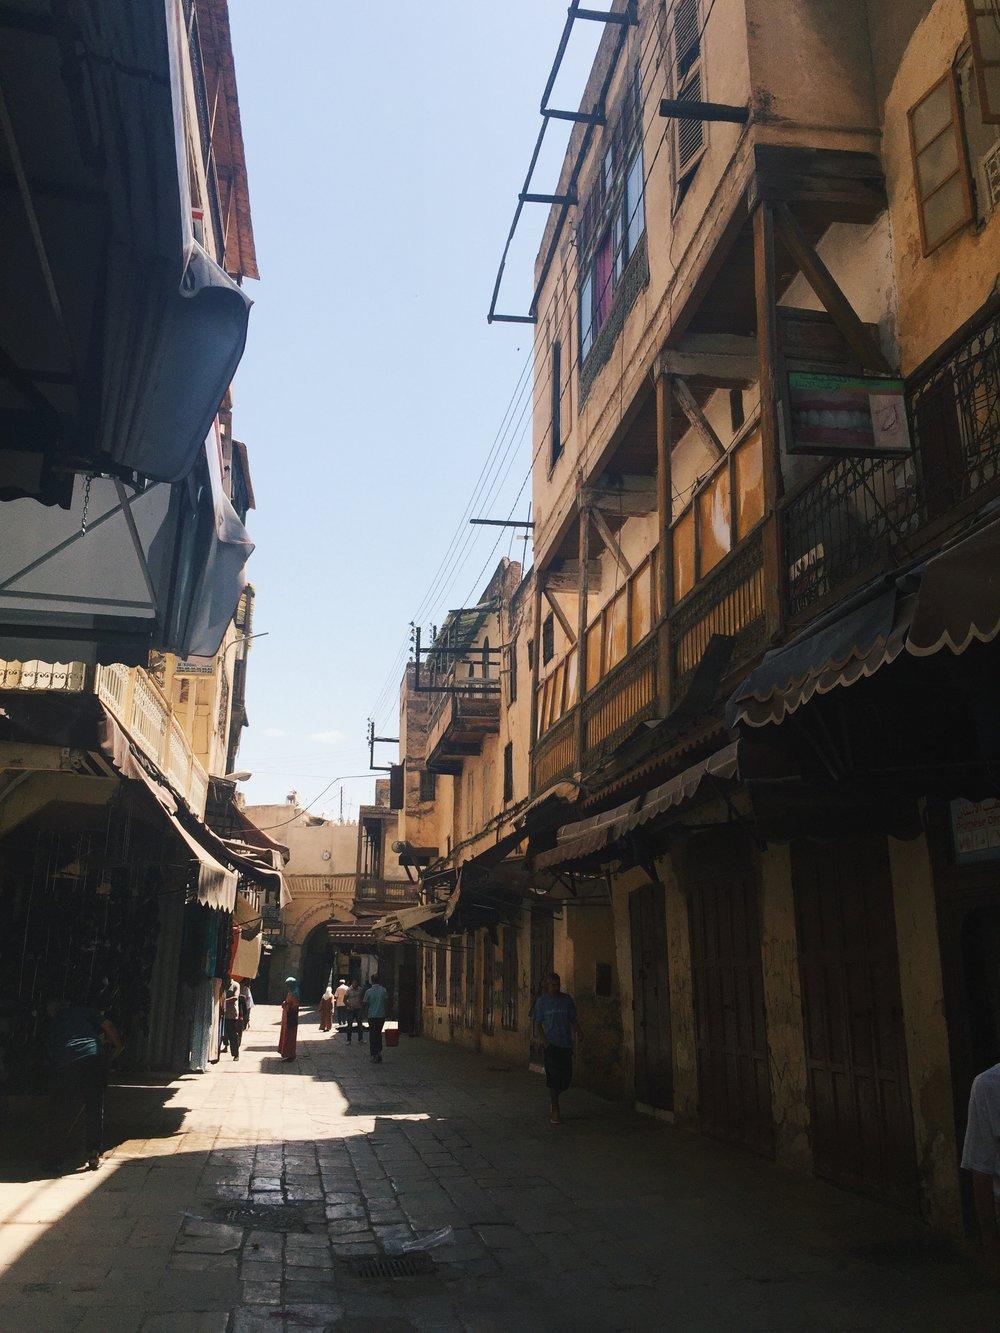 Fes el-Bali/ Old Medina of Fes